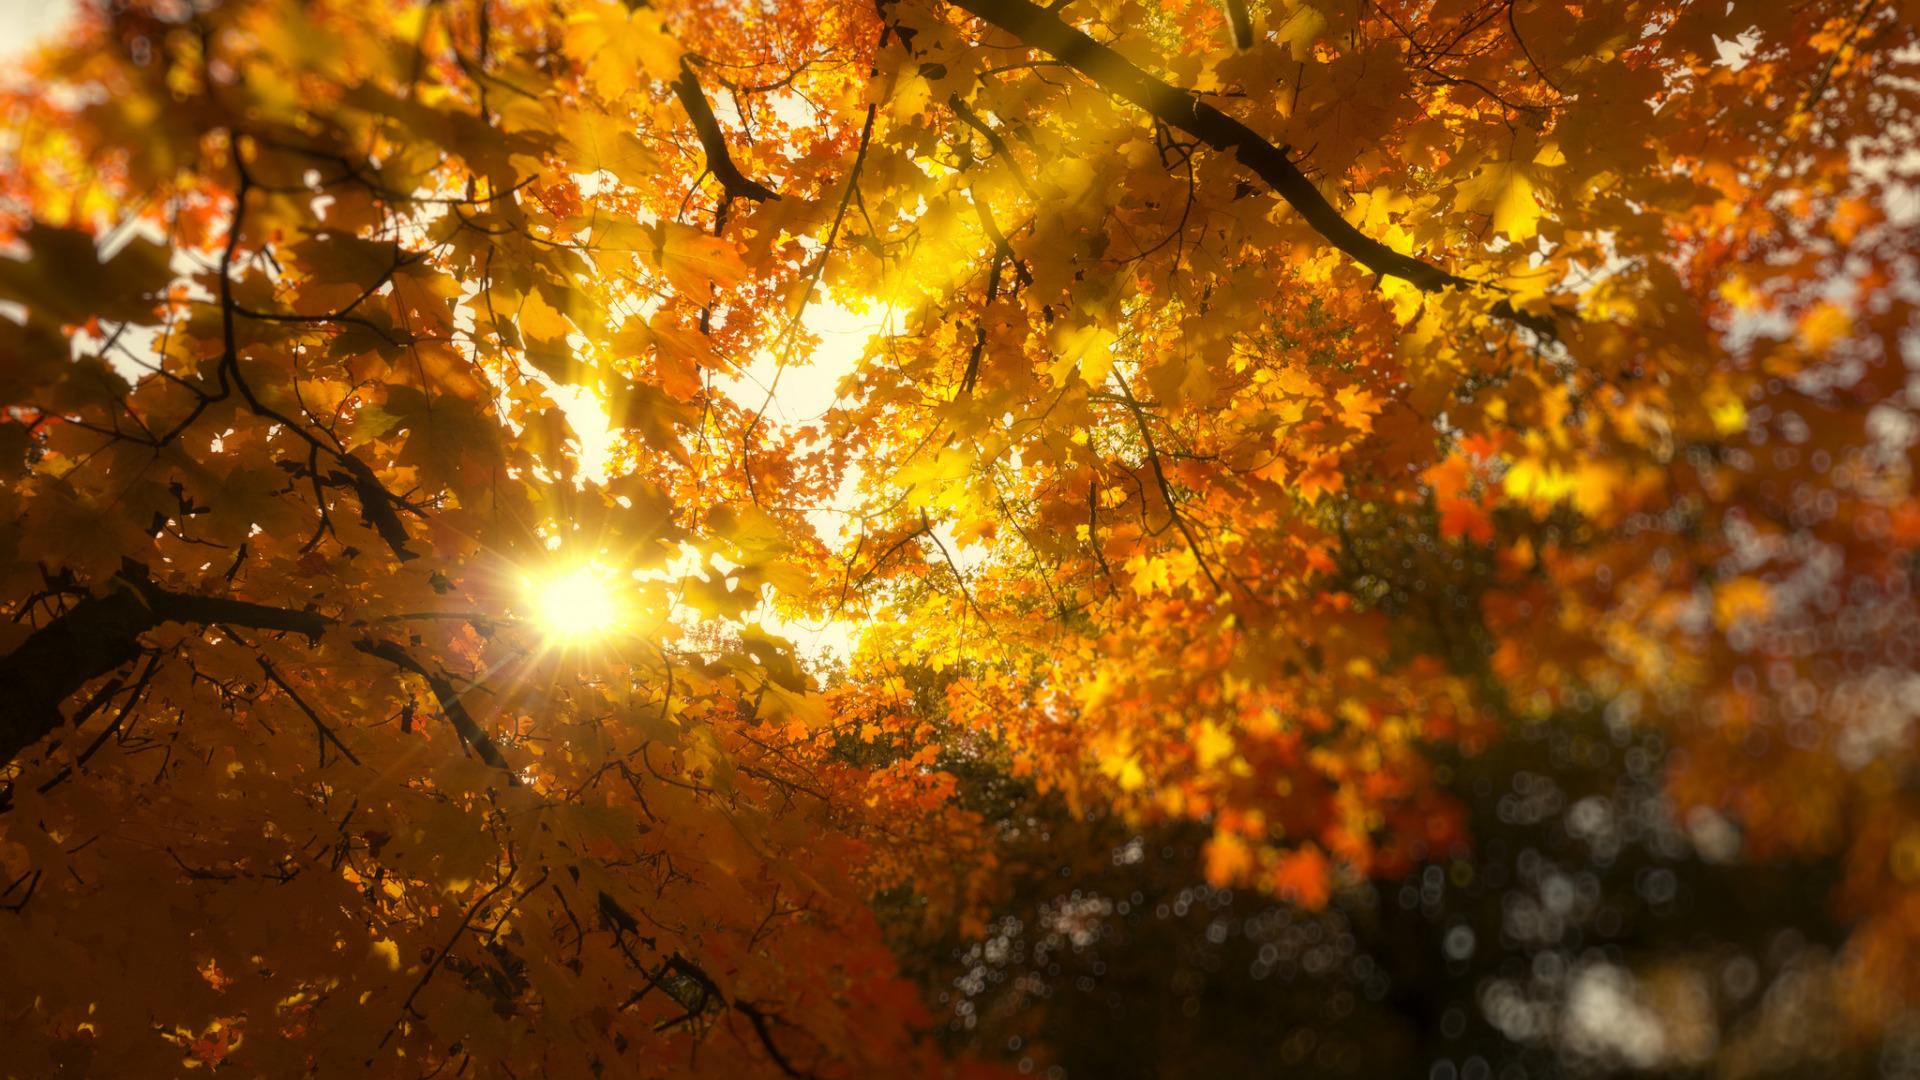 картинки осенний парк и солнечные лучи уже выше говорилось